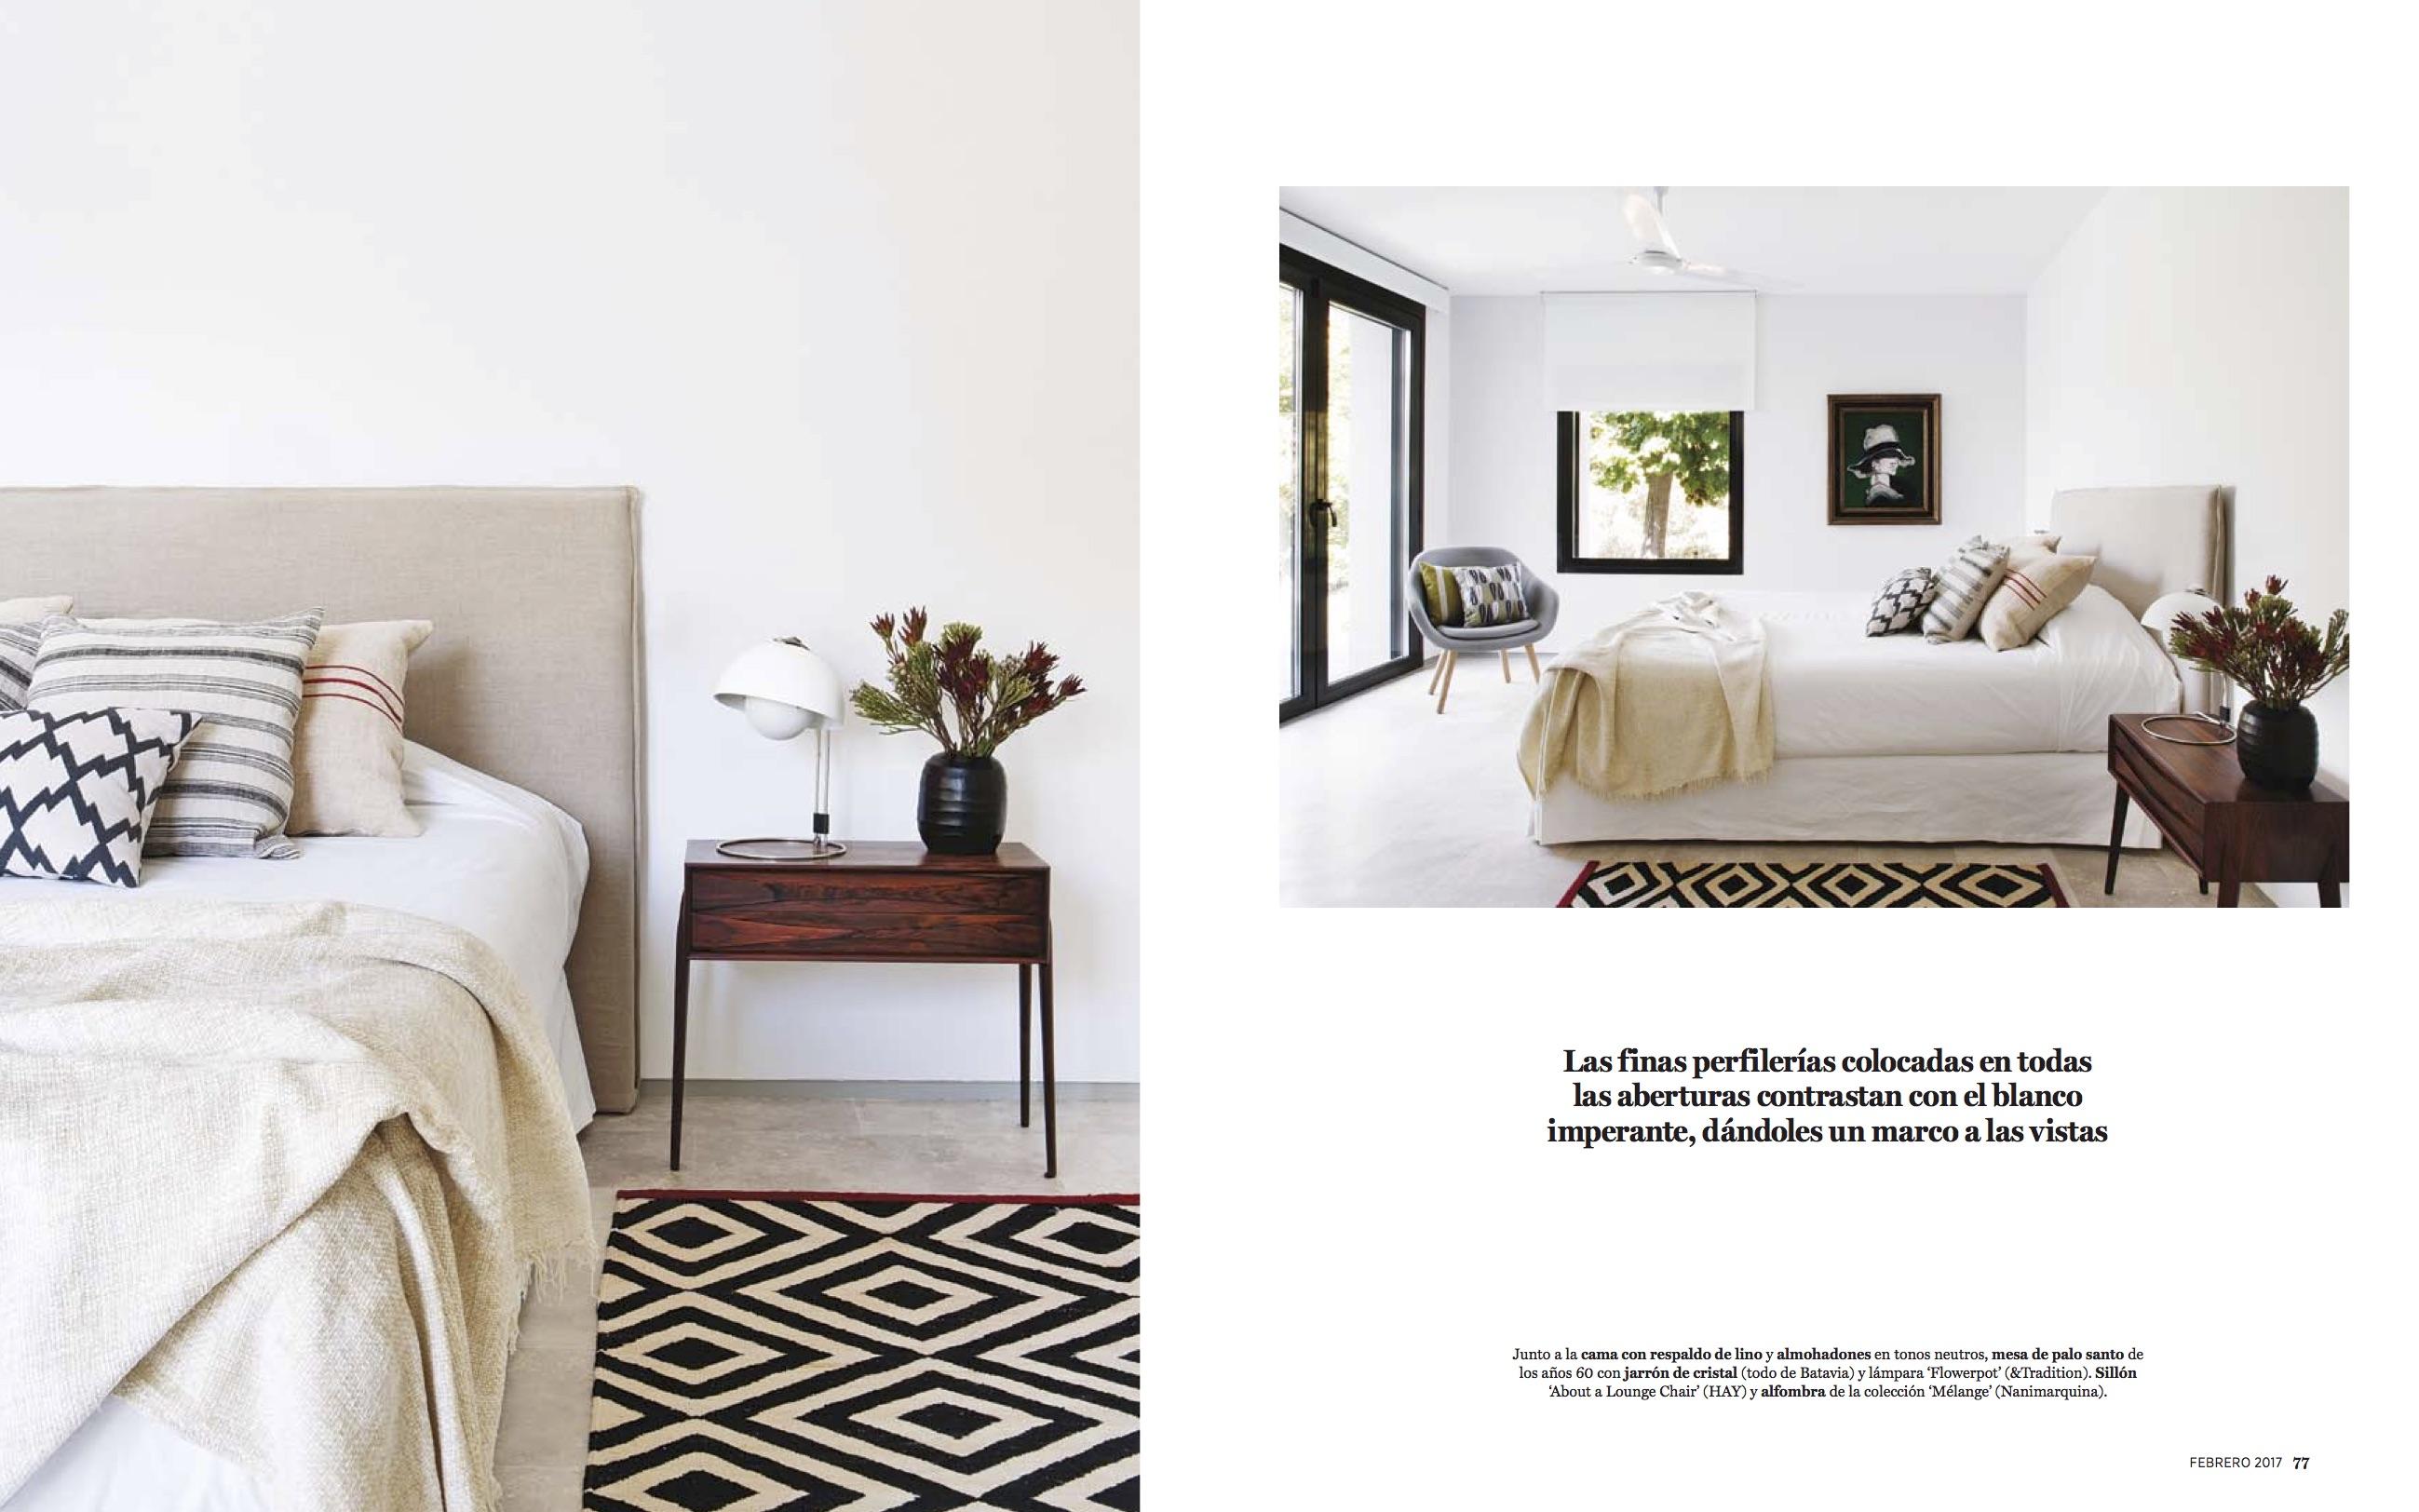 Proyecto de interiorismo de batavia en la revista argentina living blog de muebles y decoraci n - Estudios de interiorismo y decoracion ...